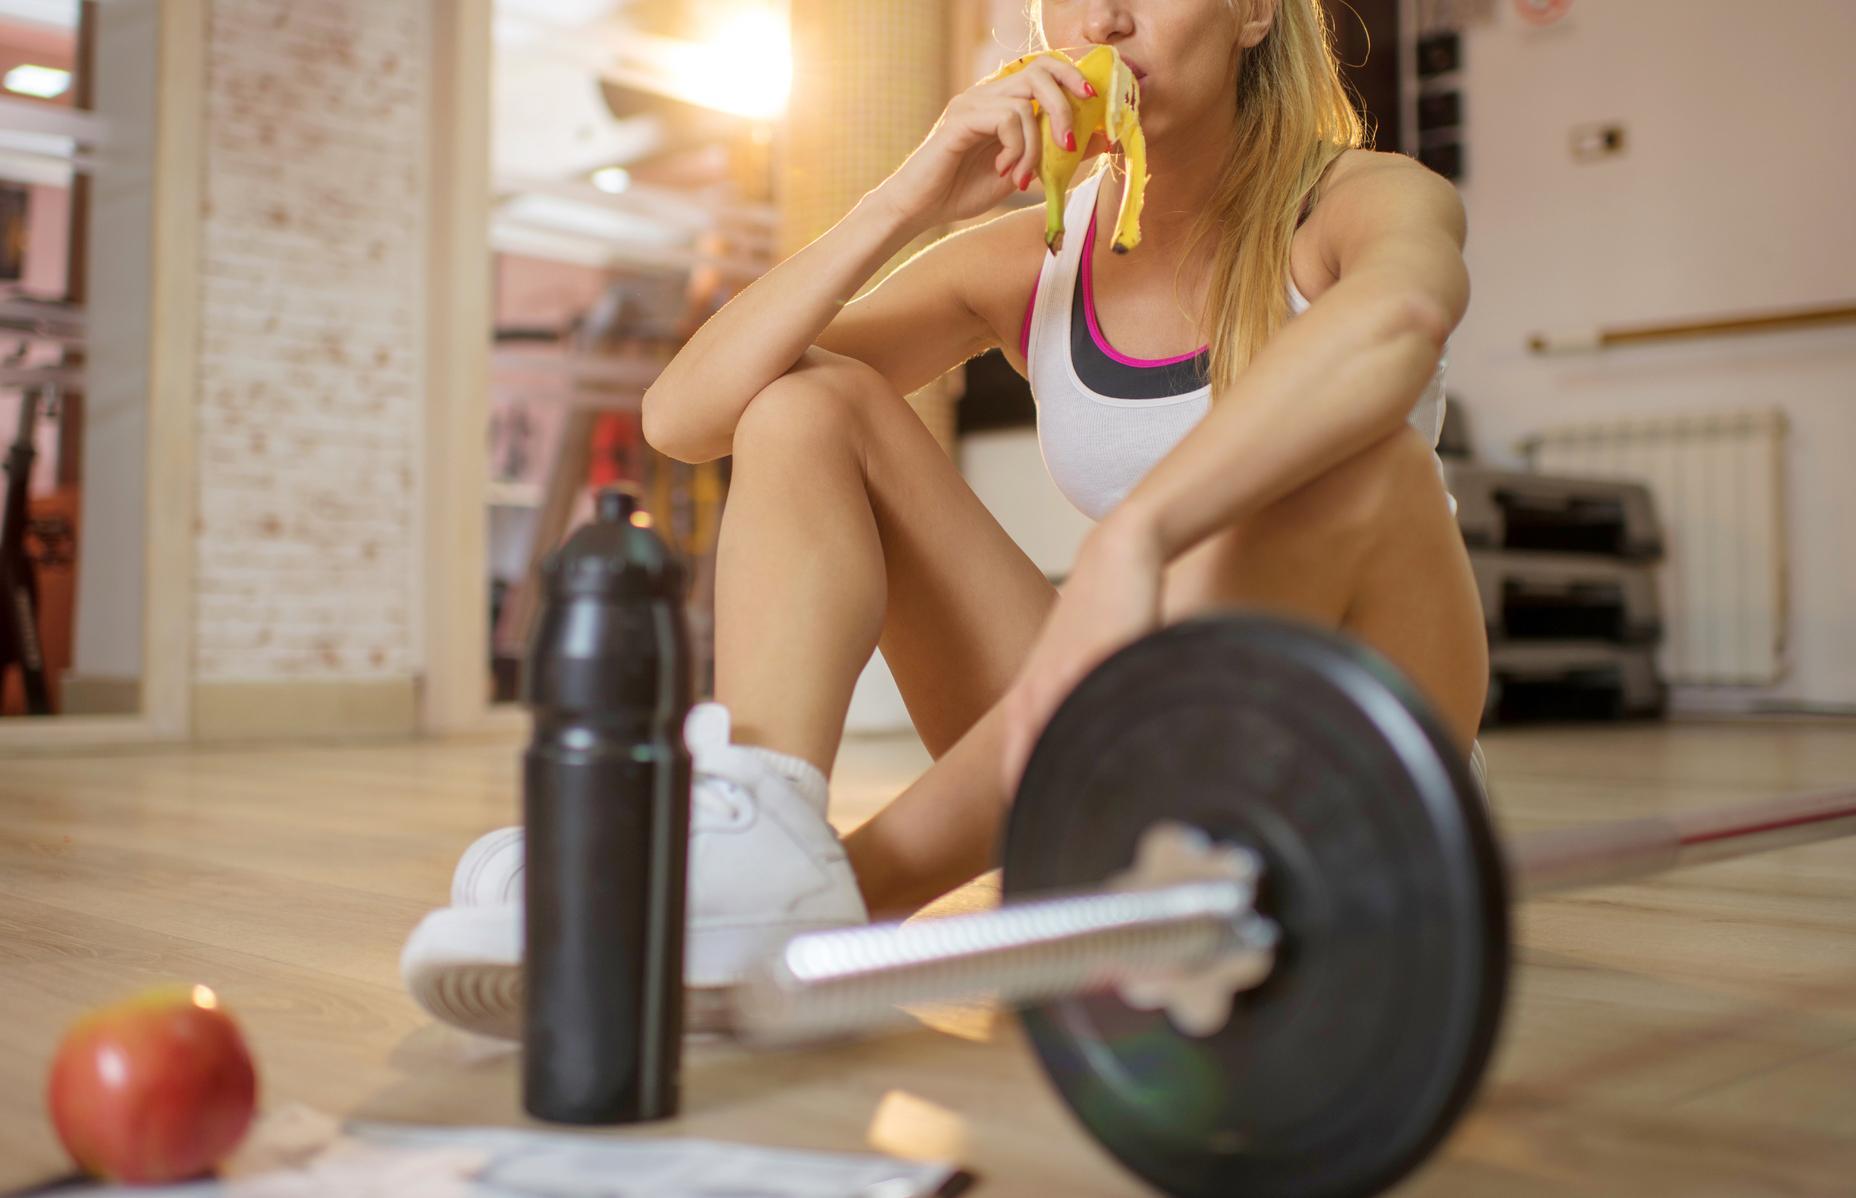 edzés után banán evés